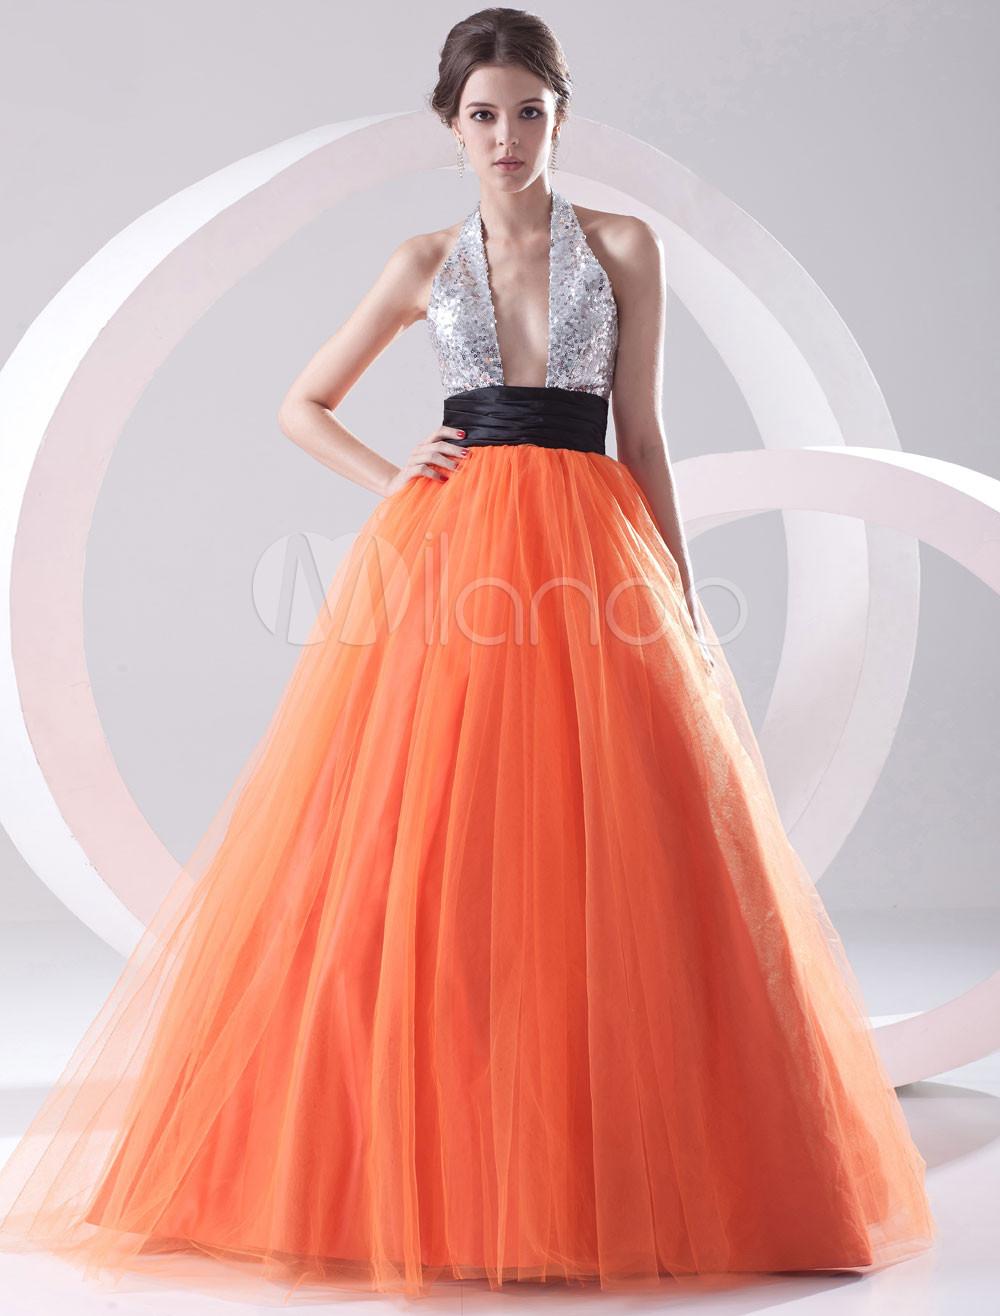 Vestidos De Baño Estilo Halter:de malla de color naranja con lentejuelas con escote Halter de estilo